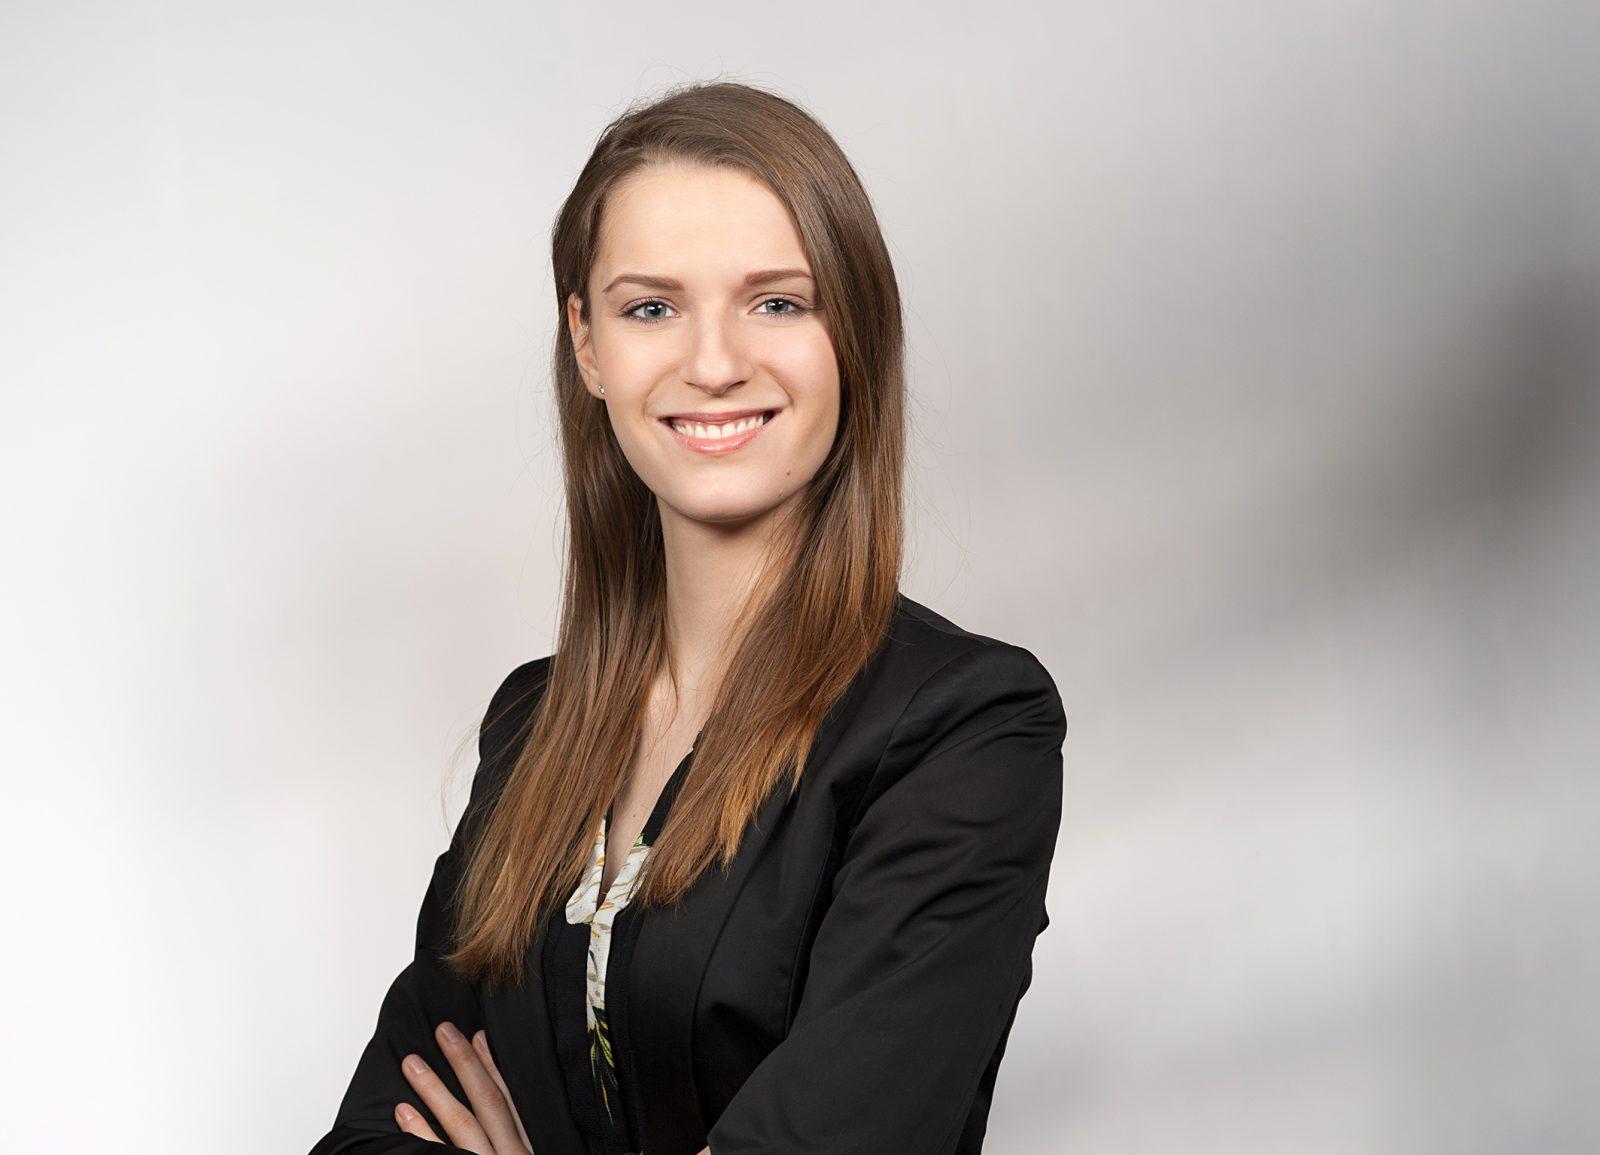 Julia Davidson